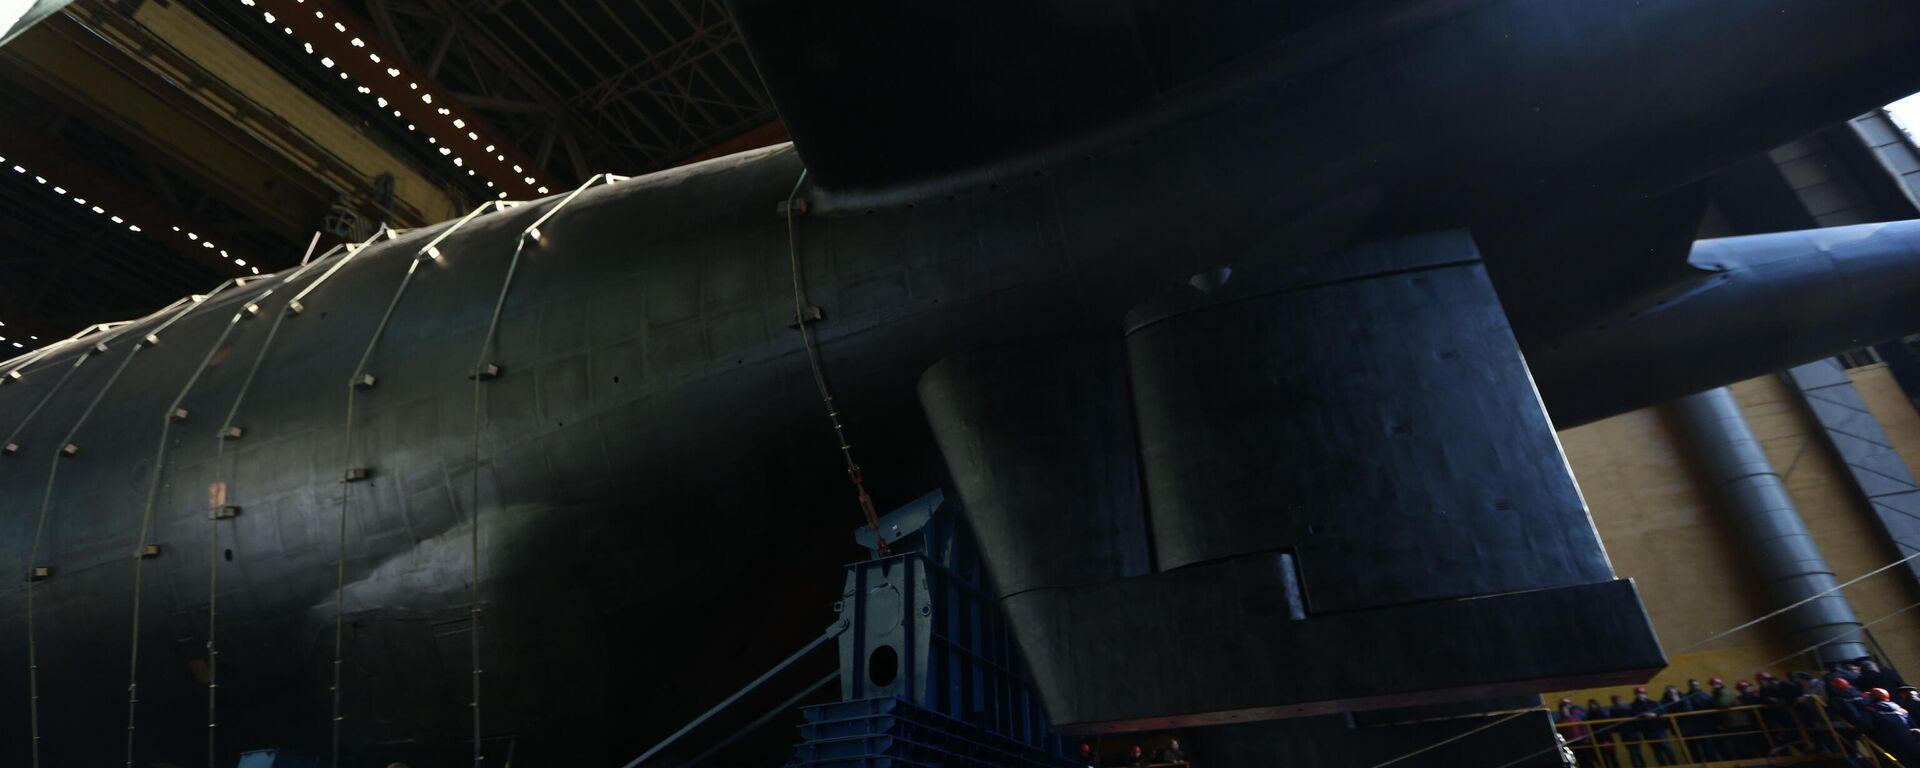 Спуск на воду атомной подводной лодки Белгород в Архангельской области  - Sputnik Таджикистан, 1920, 27.07.2021